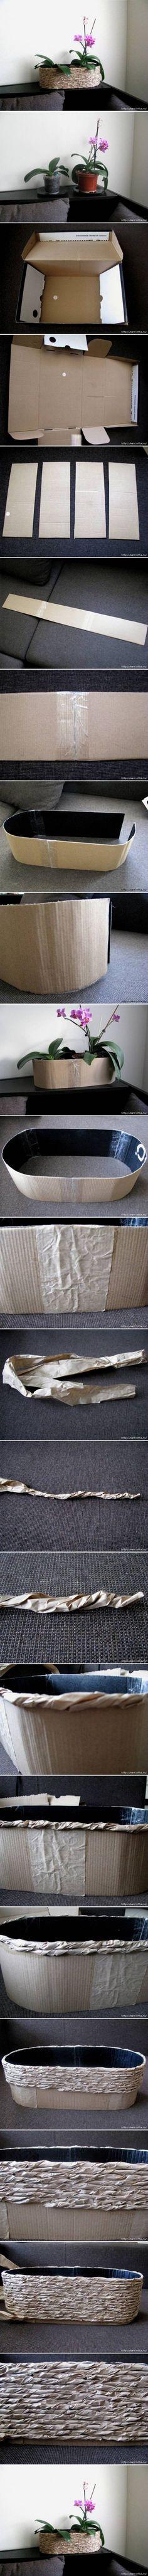 como hacer una maceta con papel y carton